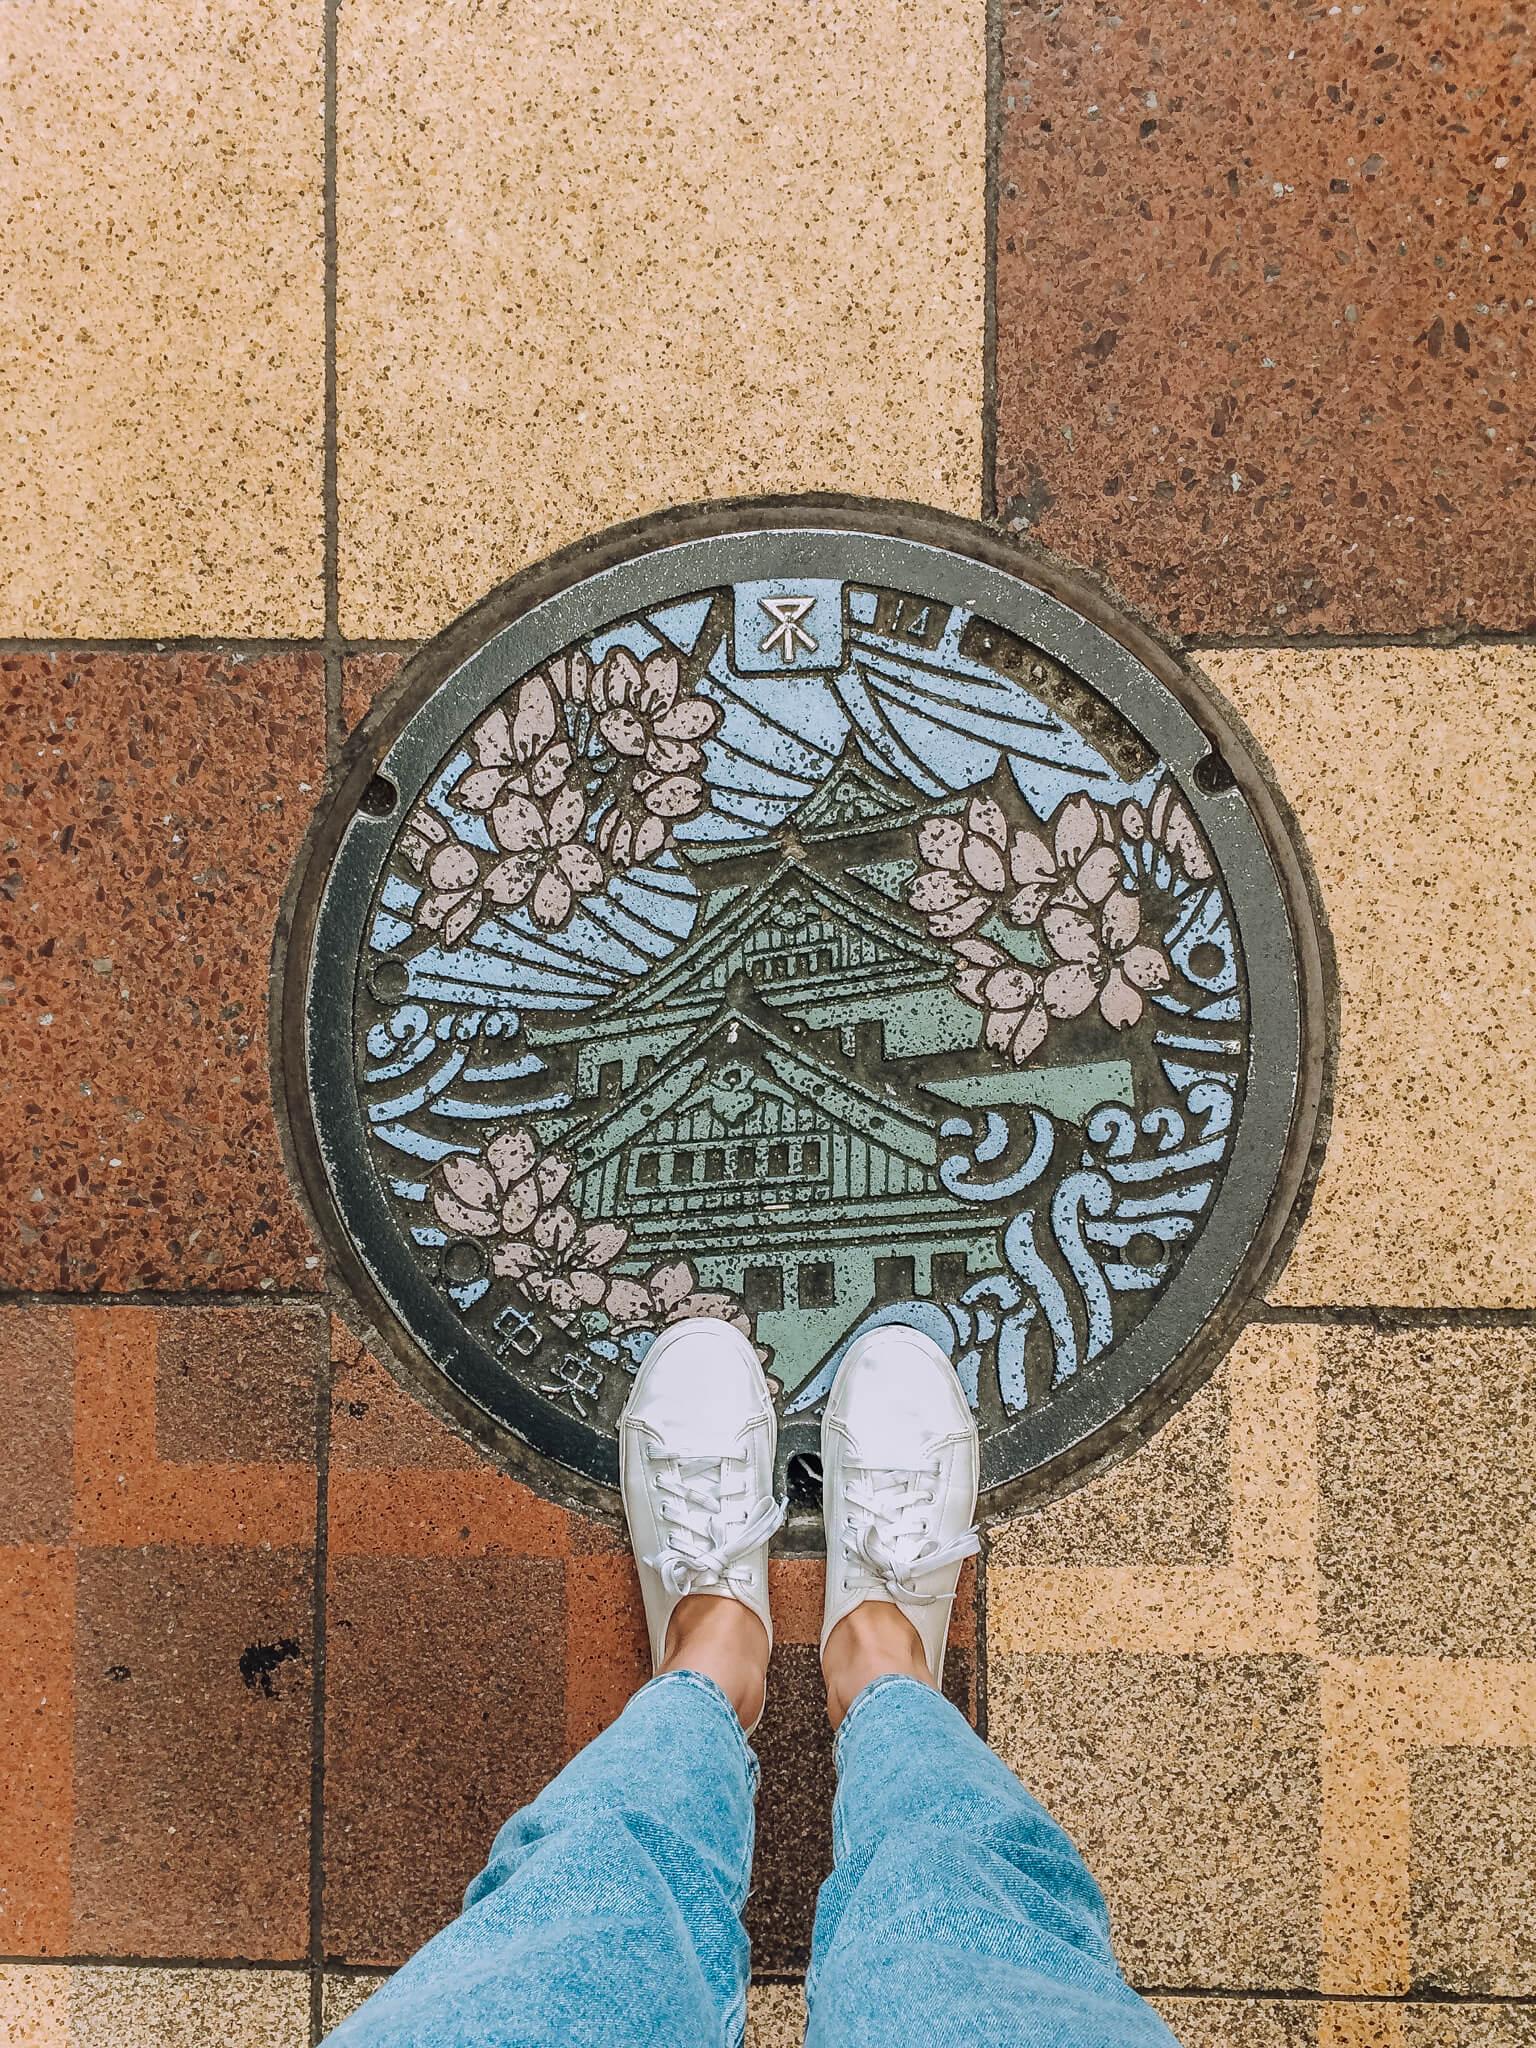 osaka-manhole-design-japan.jpg